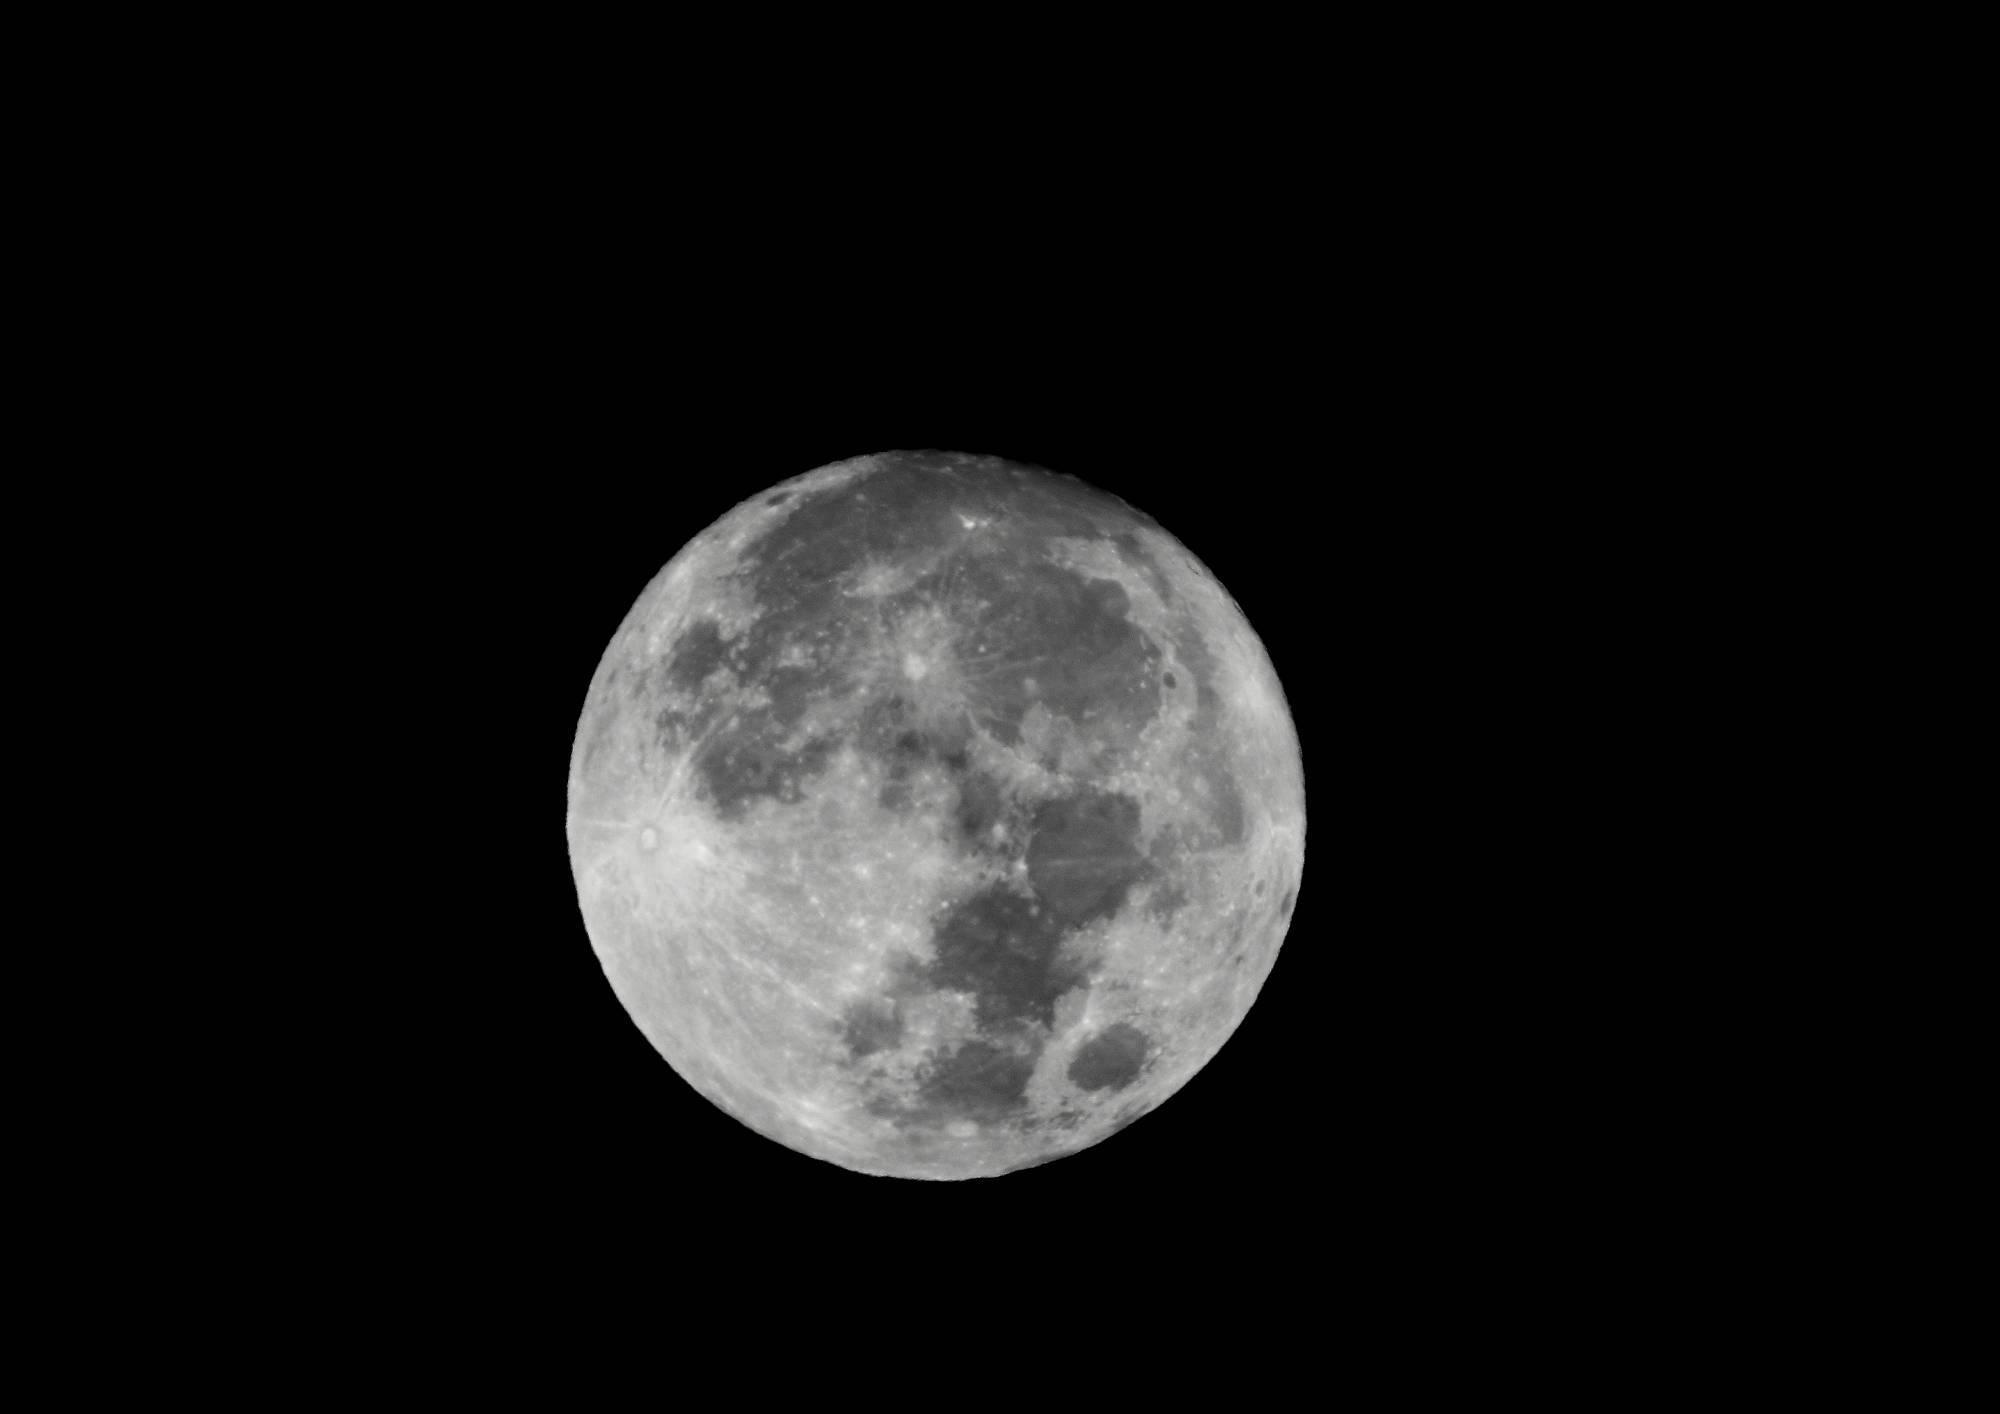 月(Moon) そのⅣ_a0140608_08405393.jpg